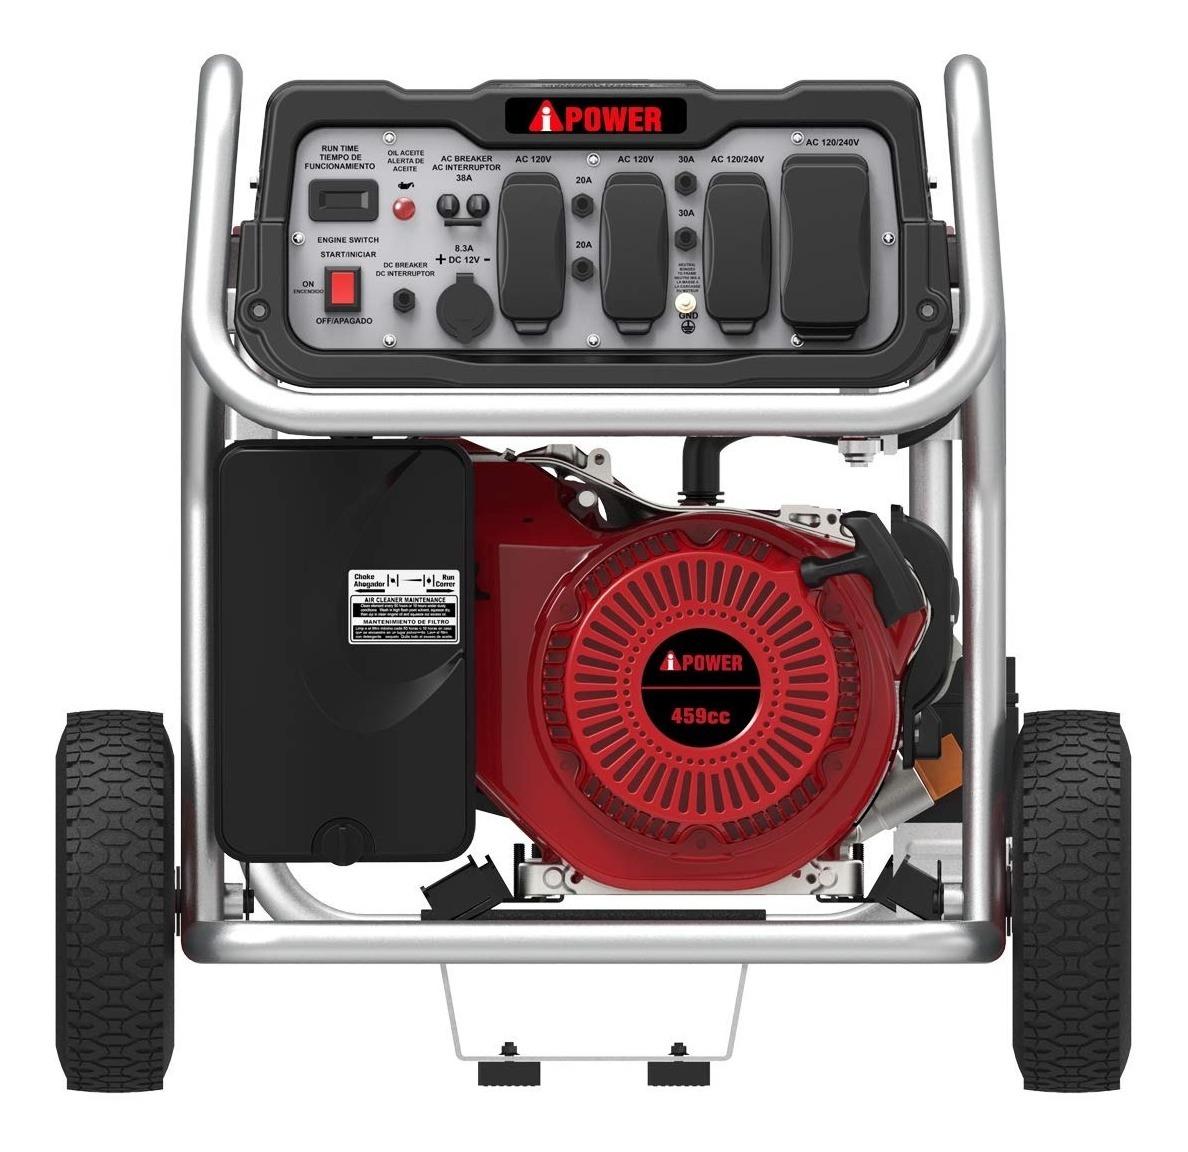 Planta Electrica Ipower Sua 12000w 110-220v Usb 12v Gasolina